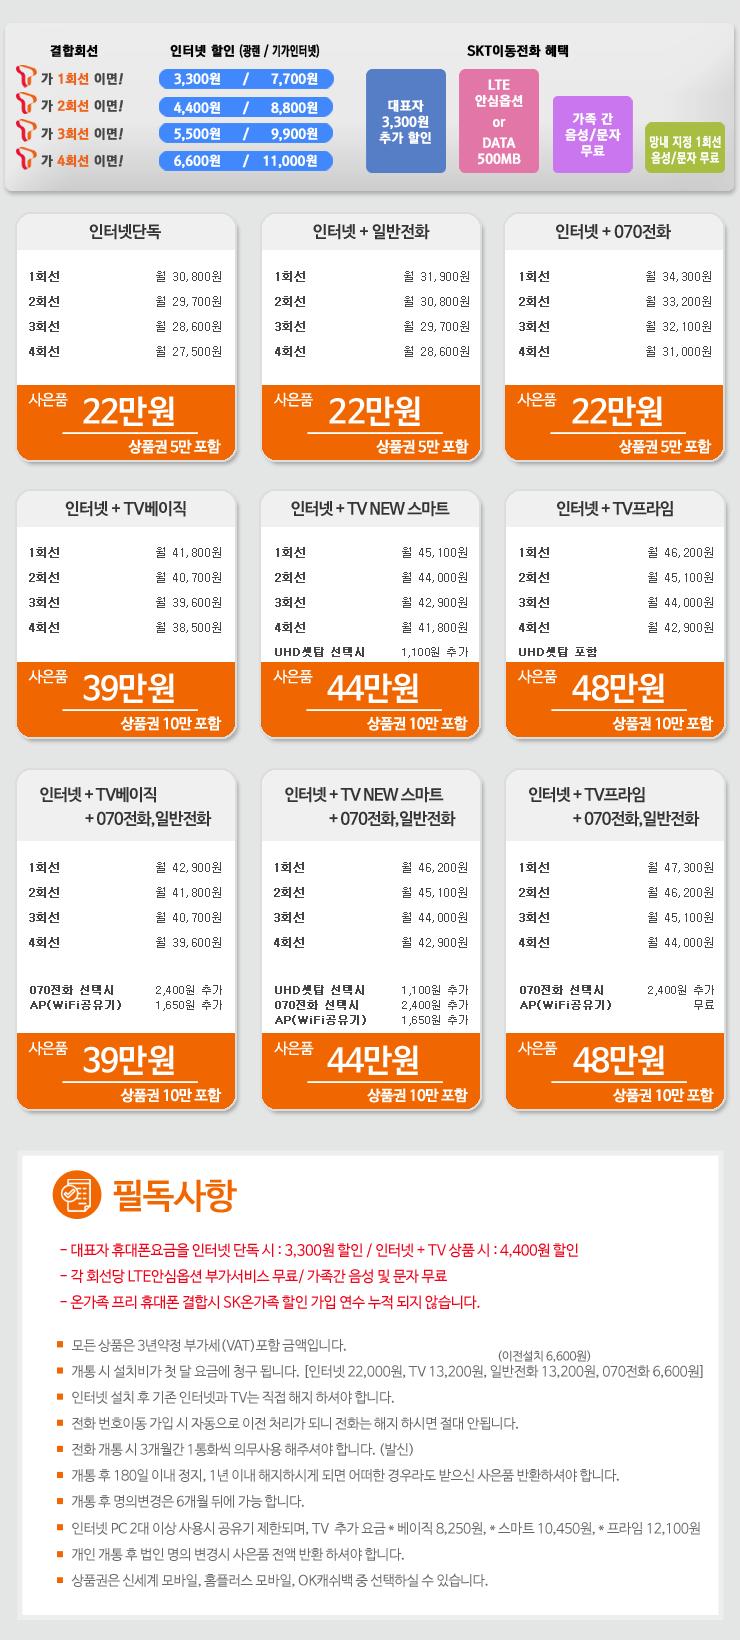 SK_broadband_free_1g_740.png